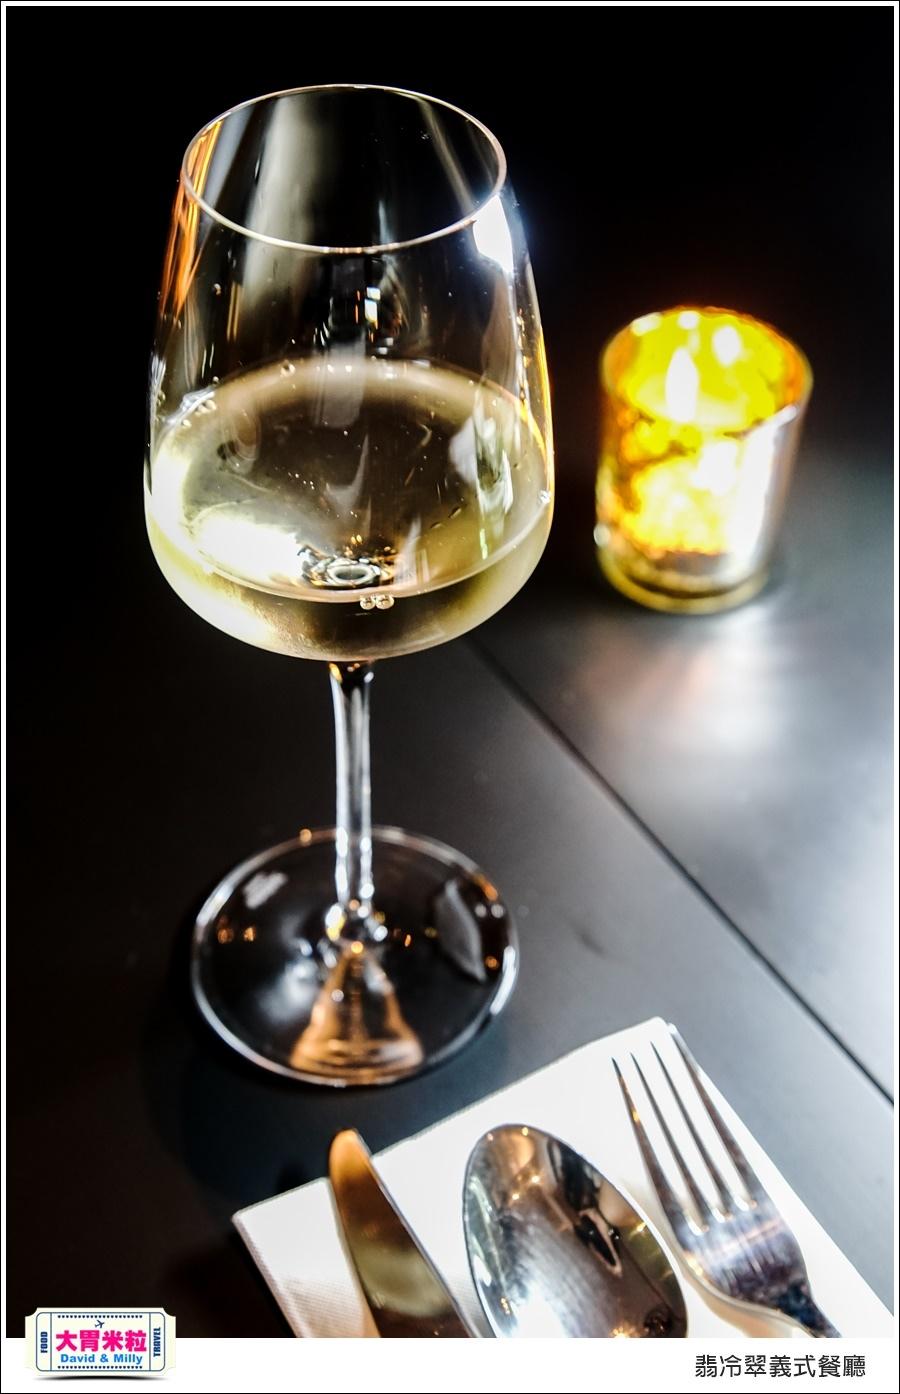 台北義式餐廳推薦@TUTTO Fresco 翡冷翠義式餐廳@大胃米粒0021.jpg